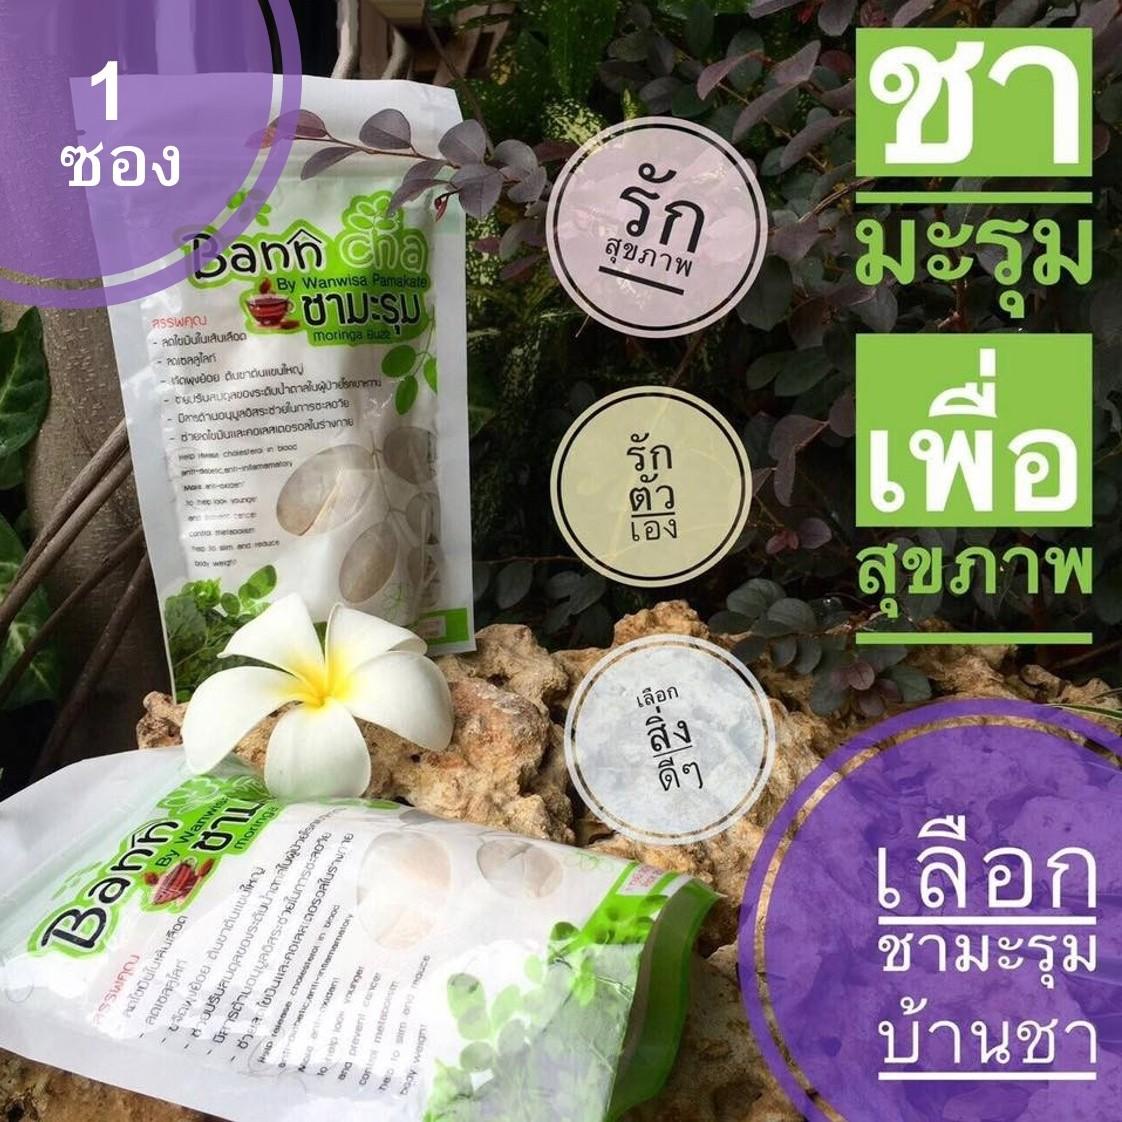 Bann cha ชามะรุม บ้านชา ศูนย์จำหน่ายราคาส่ง ชาเพื่อสุขภาพ ลดน้ำหนัก จากมะรุมธรรมชาติแท้ ส่งฟรี